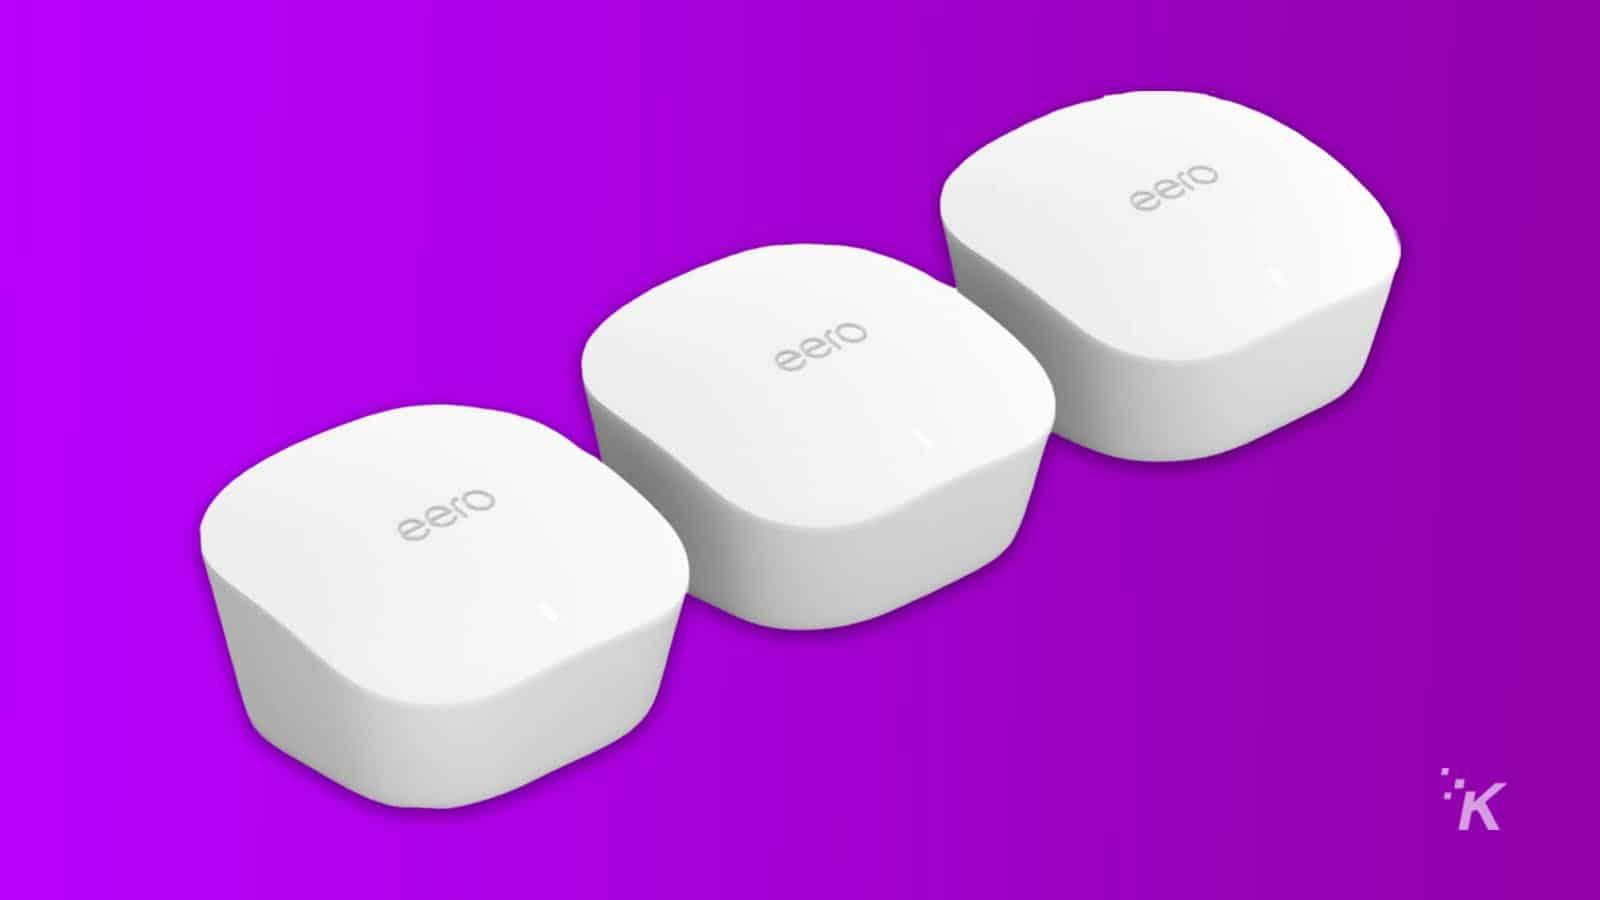 eero wifi network